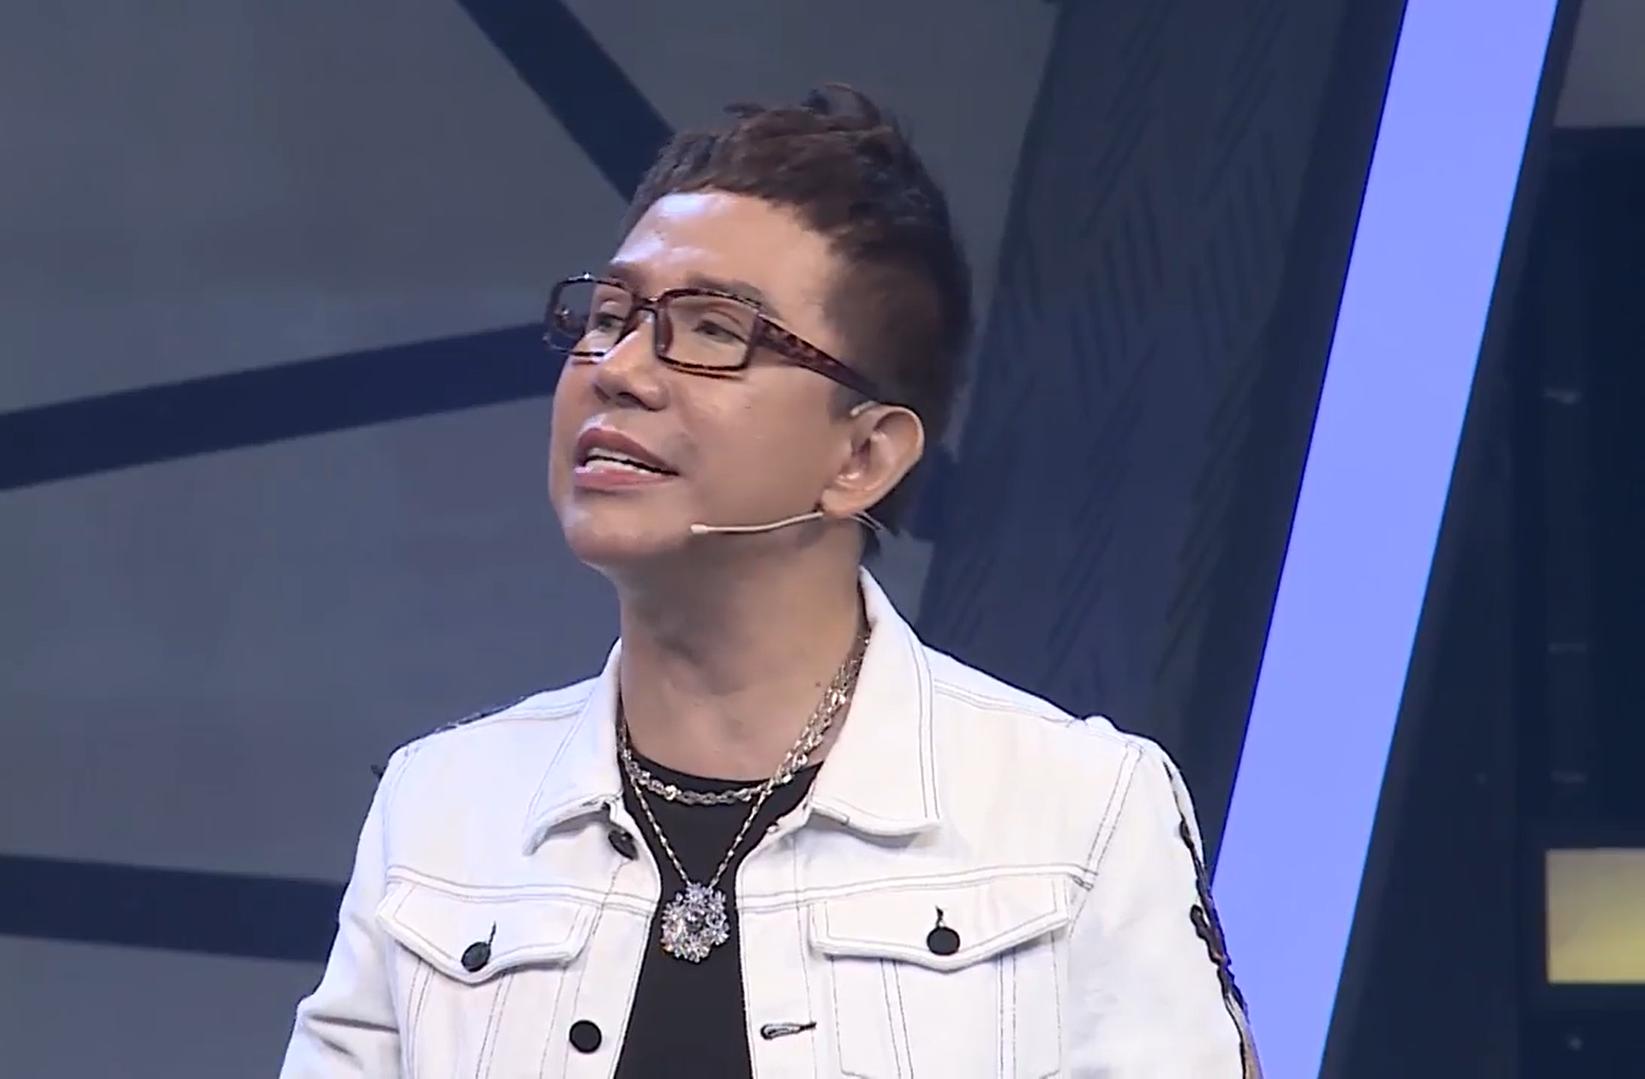 Phản ứng của Long Nhật khi bị Lê Giang gọi là chị trên sóng truyền hình - Ảnh 3.